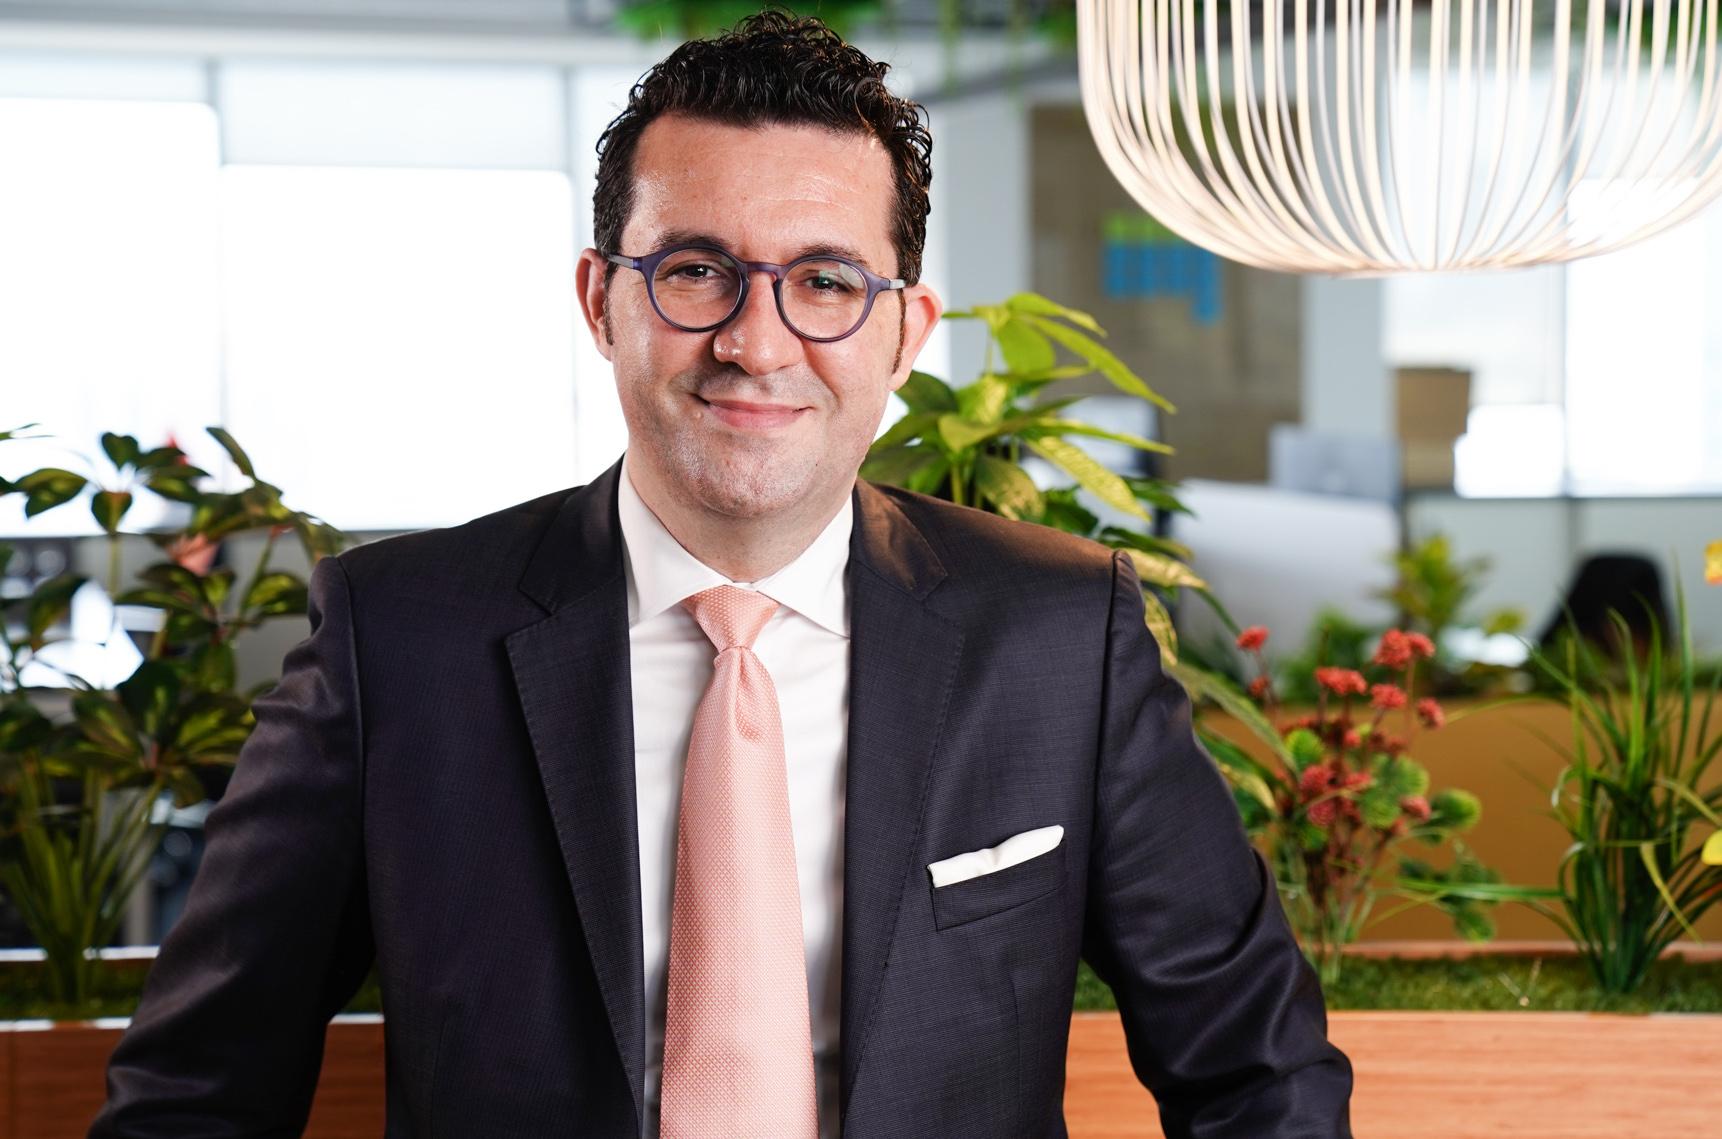 """arabam.com Pazarlama Direktörü Dr. Naim Çetintürk: """"Otomotiv sektörü dijitalleşerek tüketici beklentilerine cevap vermeye devam edecek"""""""